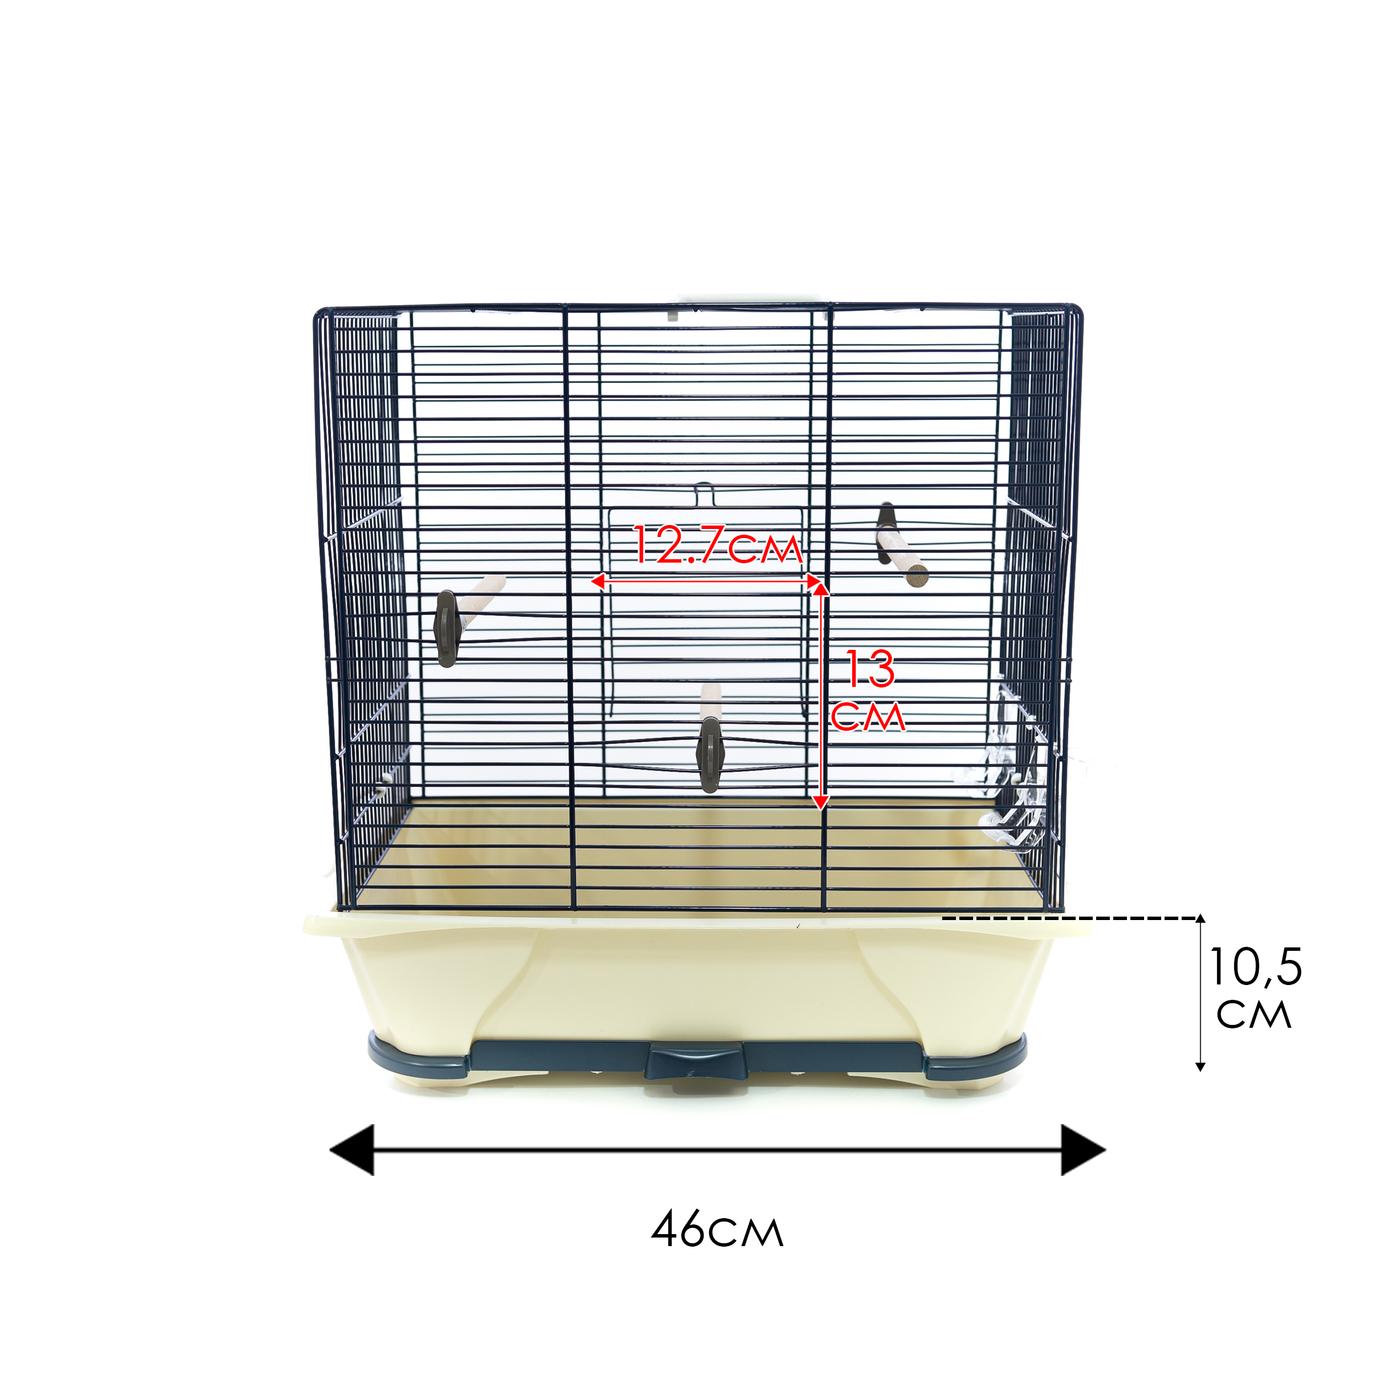 клетка для птиц savic primo 40, с комплектацией, 5538-5901, синий, 46 х 32 х 48 см